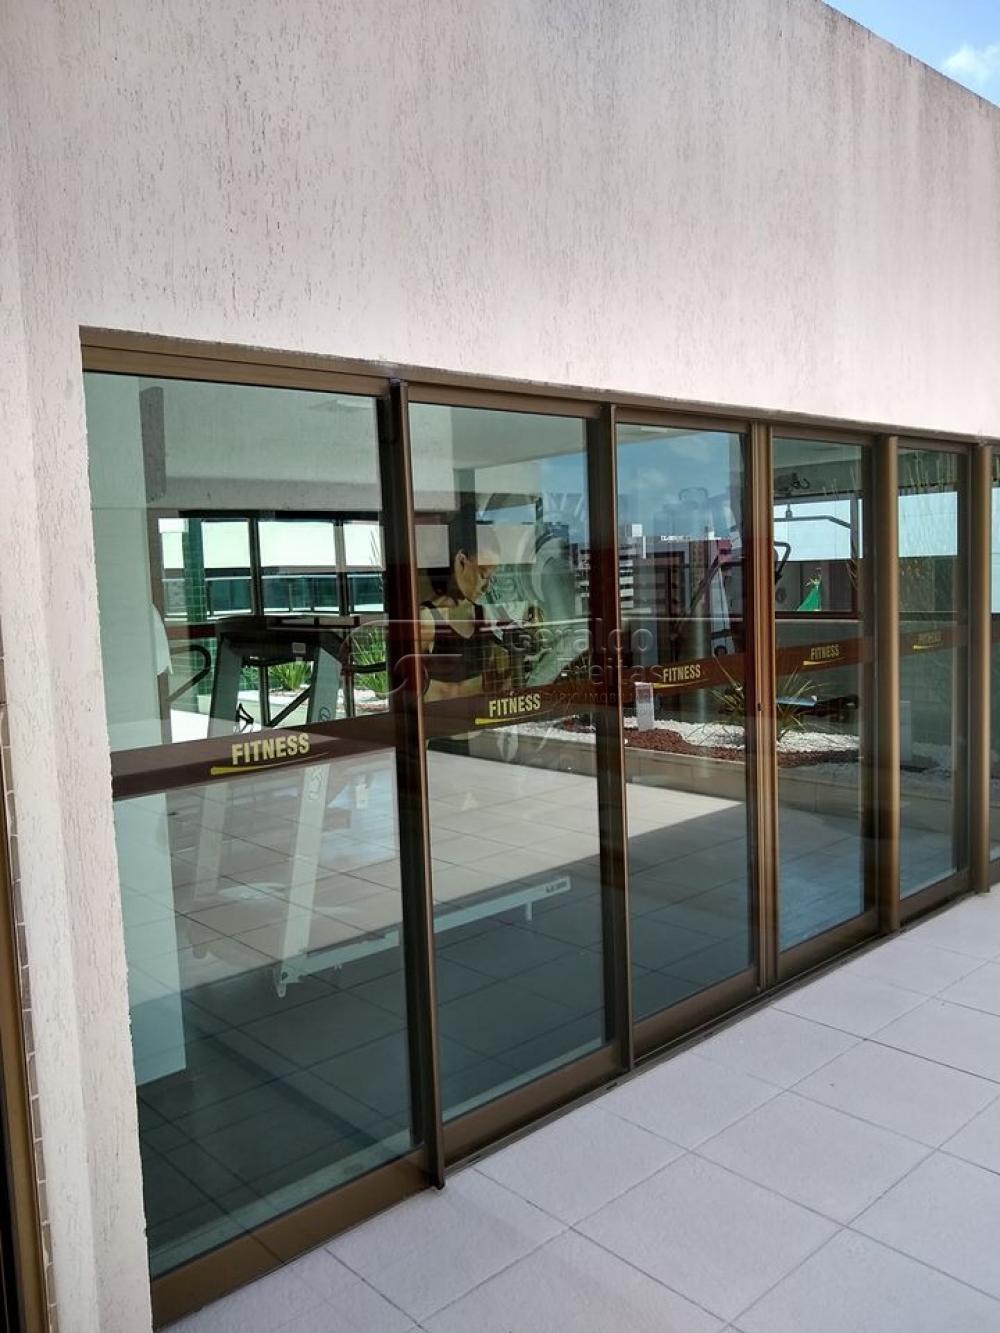 Comprar Apartamentos / Padrão em Maceió apenas R$ 350.000,00 - Foto 3